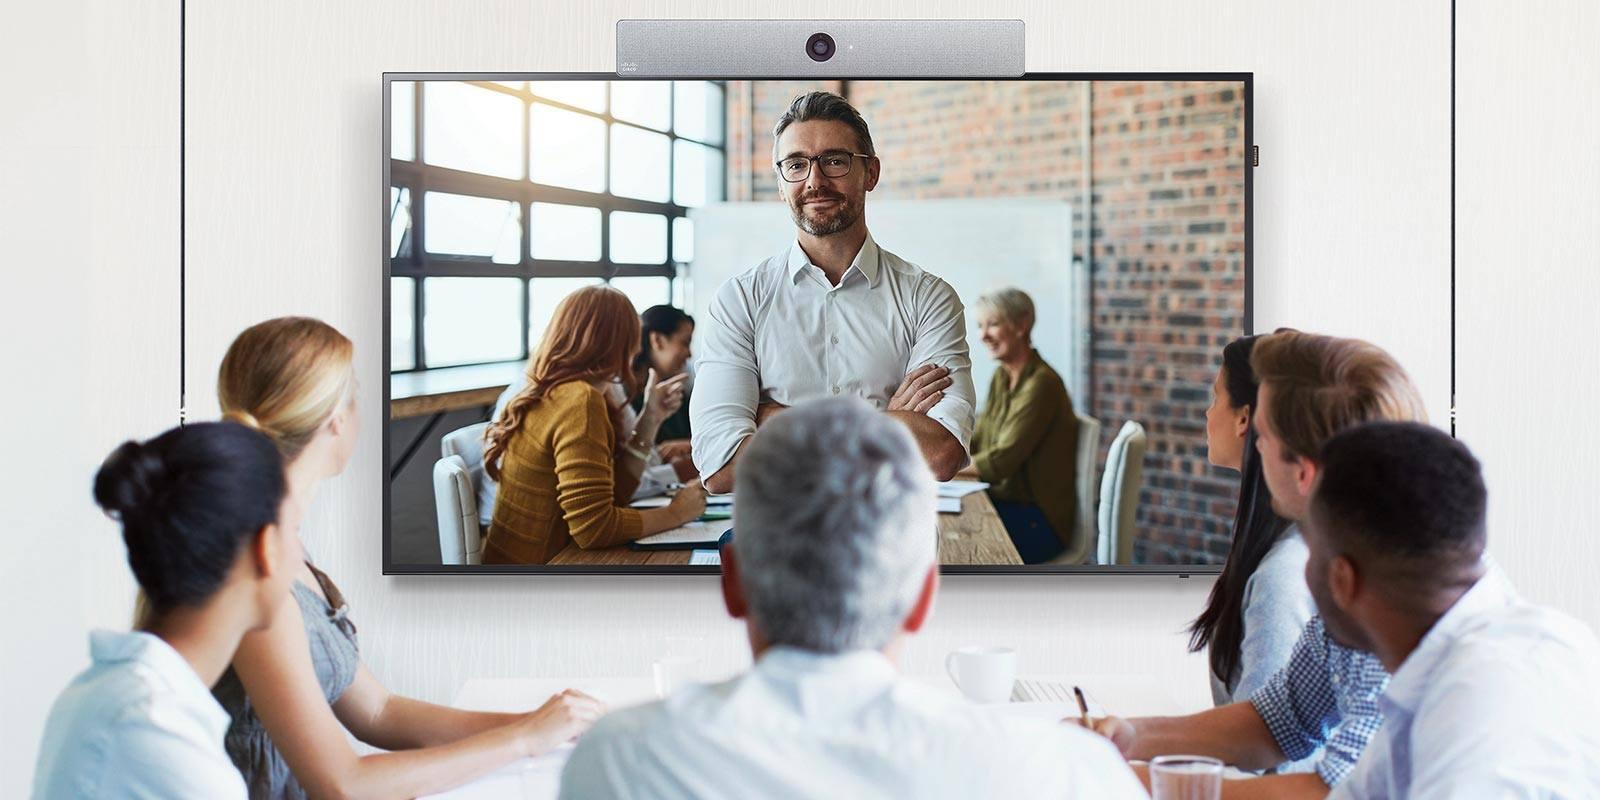 Trải Nghiệm Hội Nghị Truyền Hình Chuyên Nghiệp Với Sự Kết Hợp Của Samsung và Cisco 8